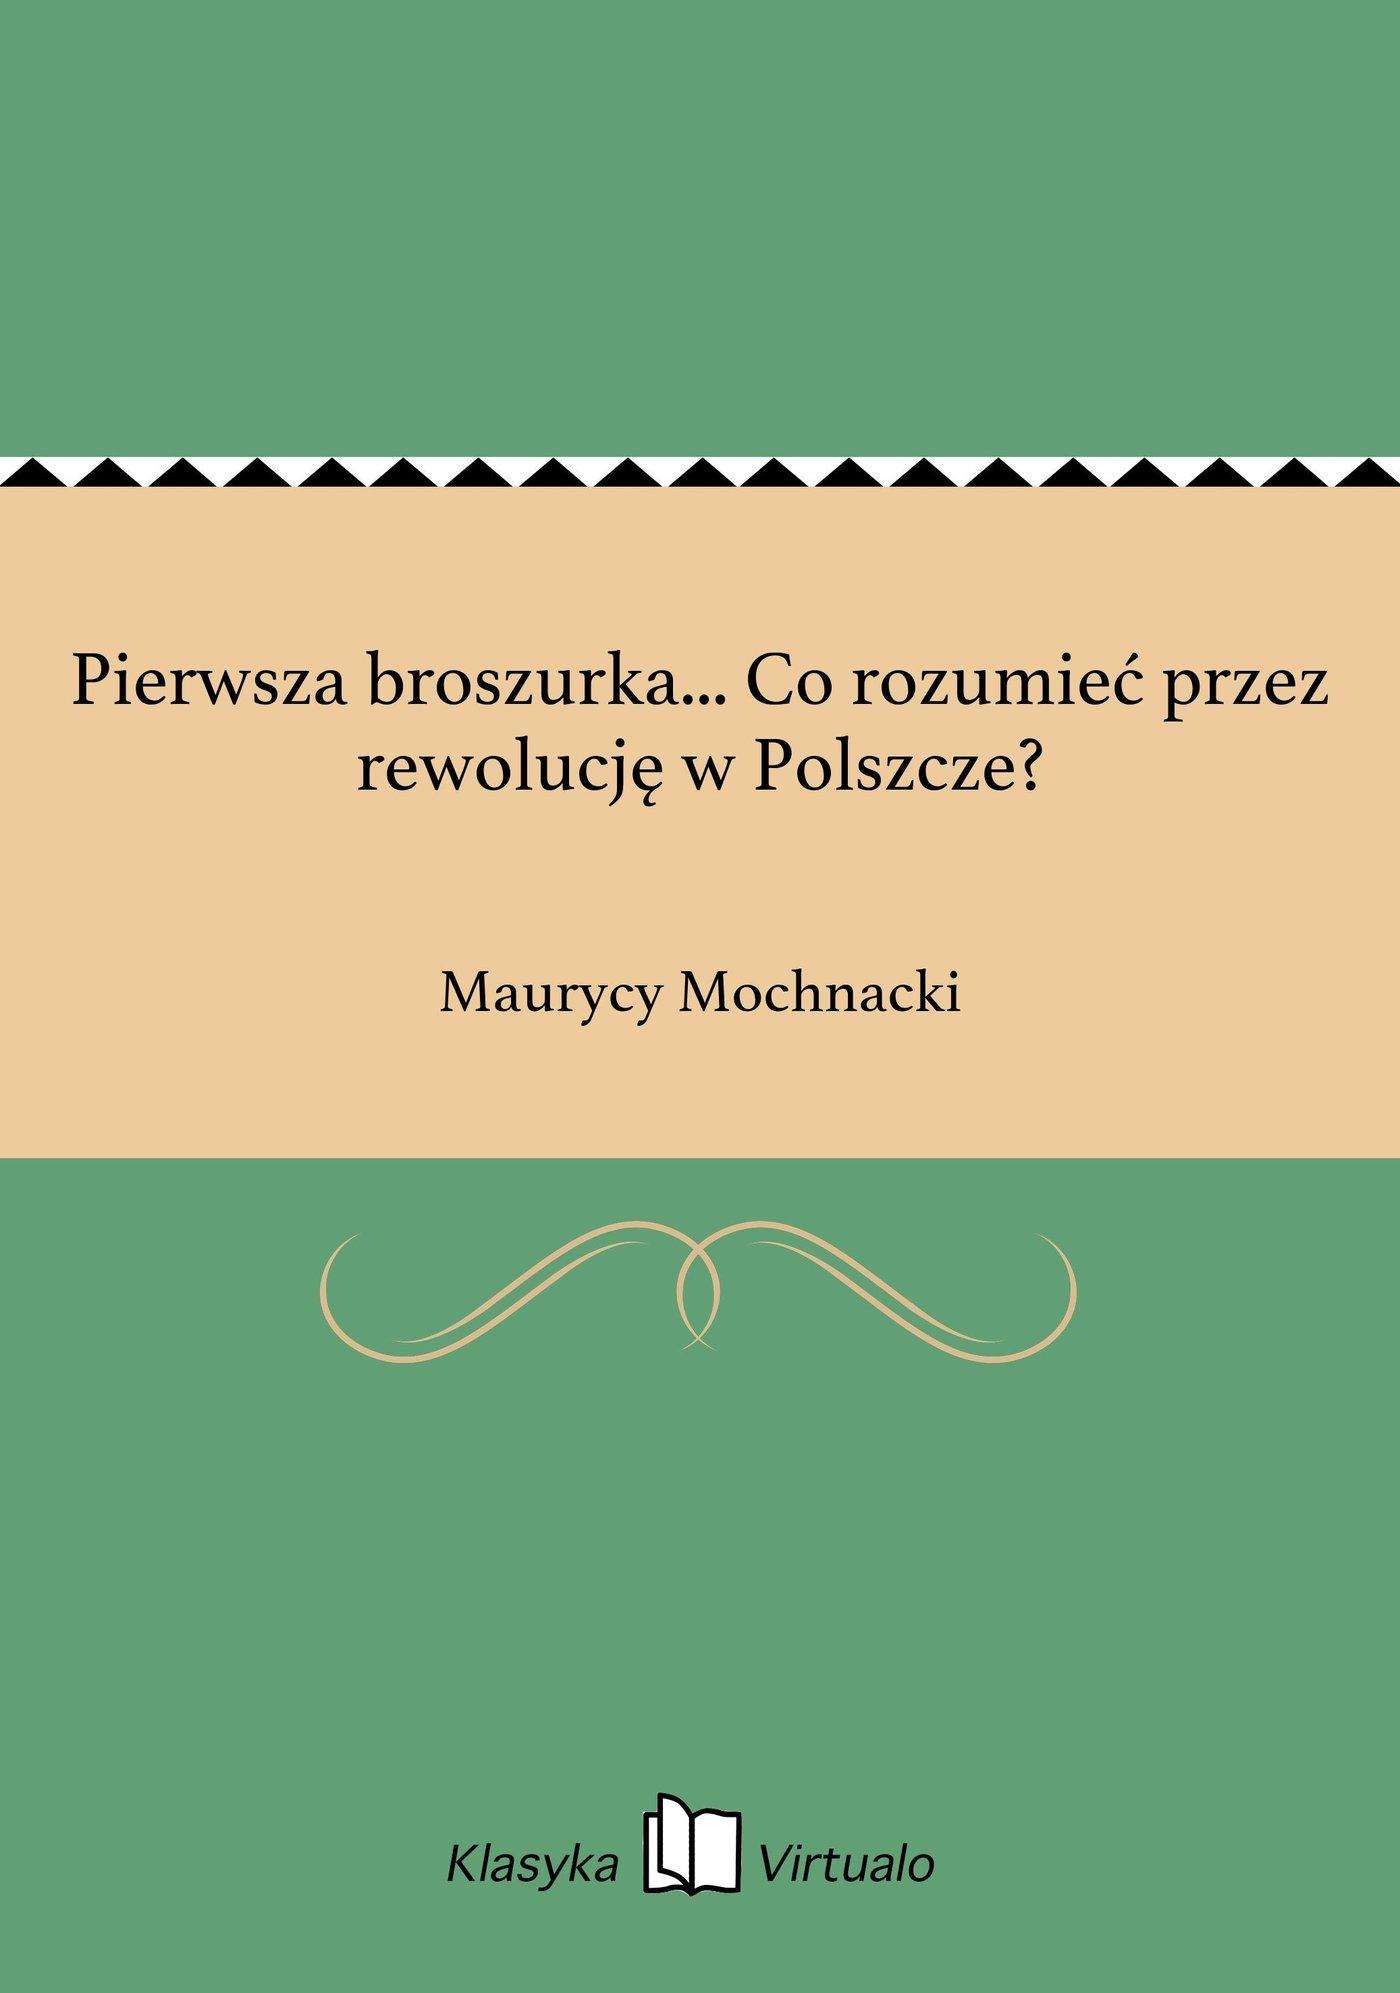 Pierwsza broszurka... Co rozumieć przez rewolucję w Polszcze? - Ebook (Książka EPUB) do pobrania w formacie EPUB